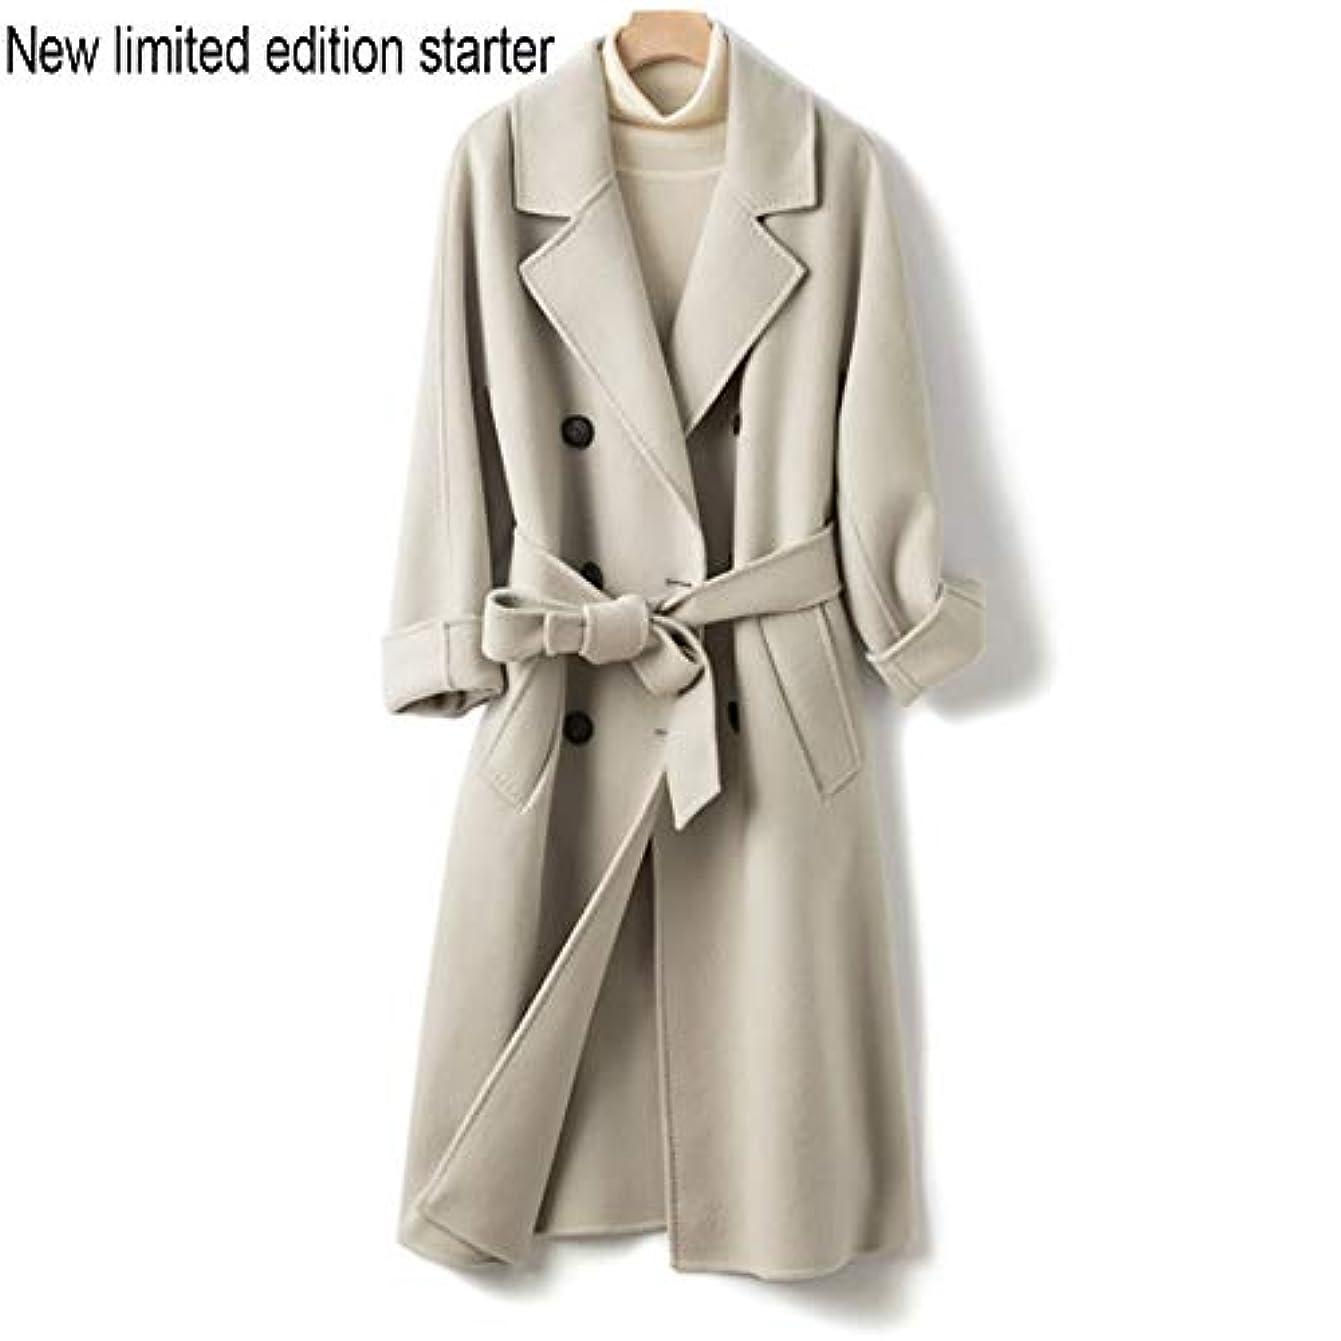 脊椎入植者疾患ウールコート、両面コート、ロングウールコート、秋と冬新しい婦人服女性のうれしそうな冬のジャケットコート